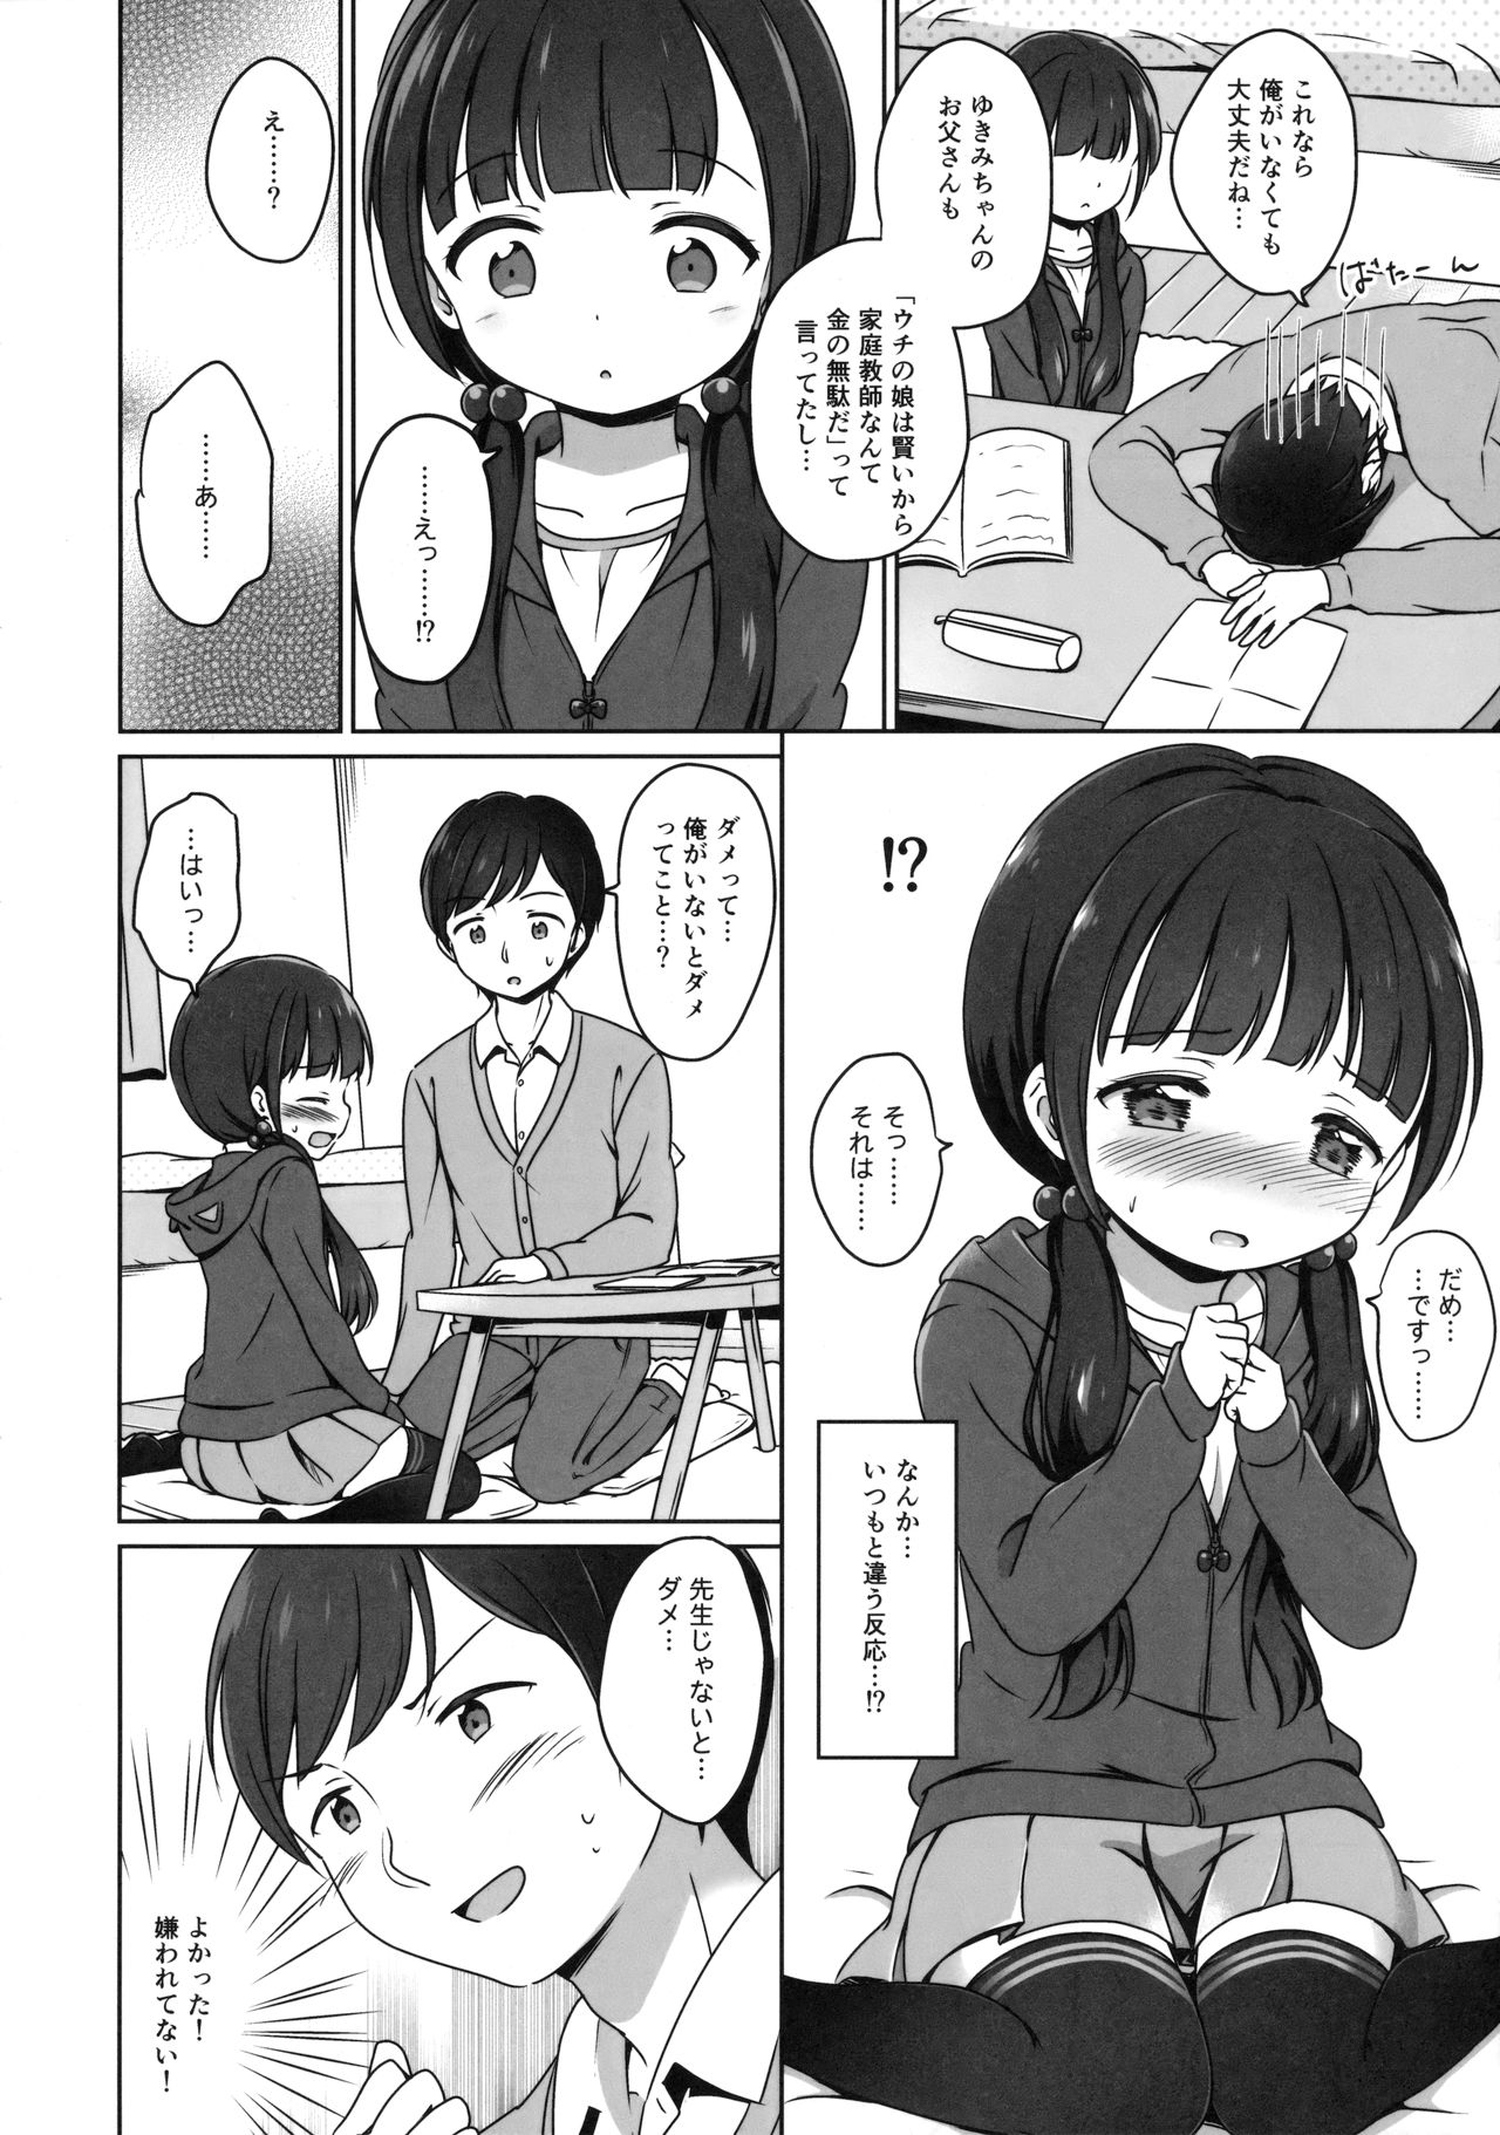 【エロ漫画】クールな猫耳フードを被った黒髪幼女とイチャラブセックス~♪【無料 エロ同人誌】 (7)